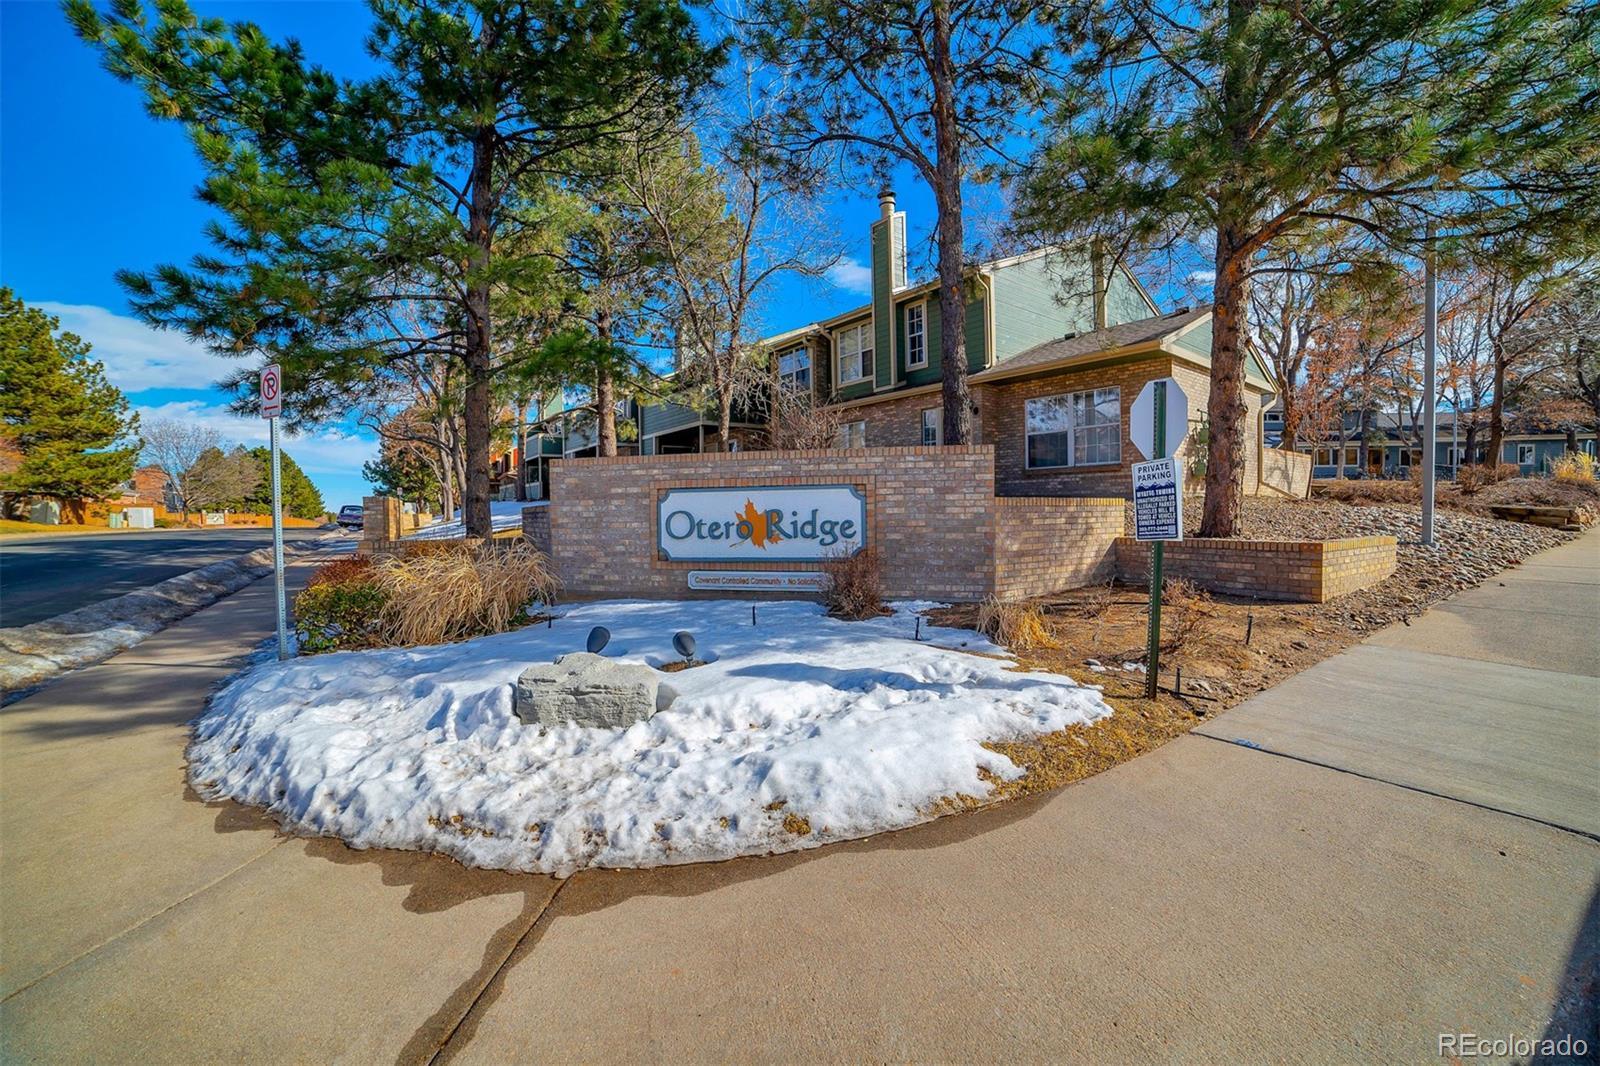 MLS# 3593928 - 18 - 2666 E Otero Place #1, Centennial, CO 80122